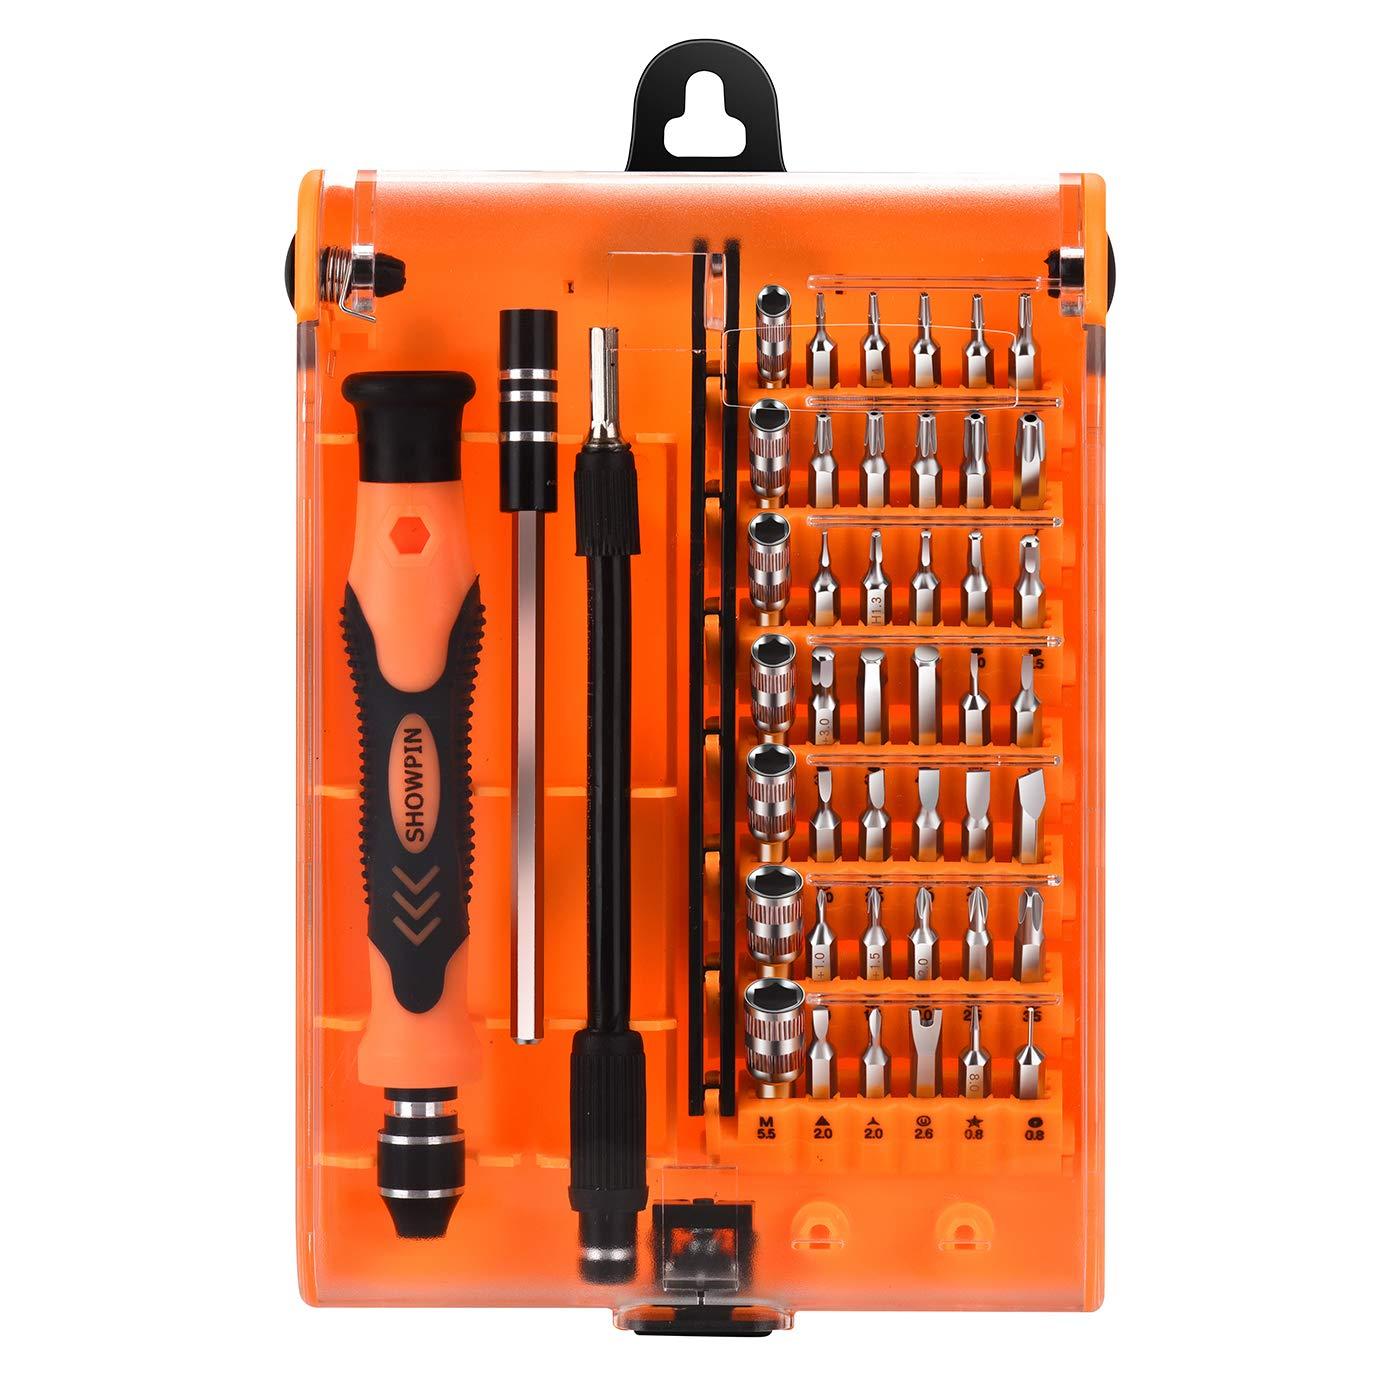 Showpin Precision Screwdriver Professional Magnetic